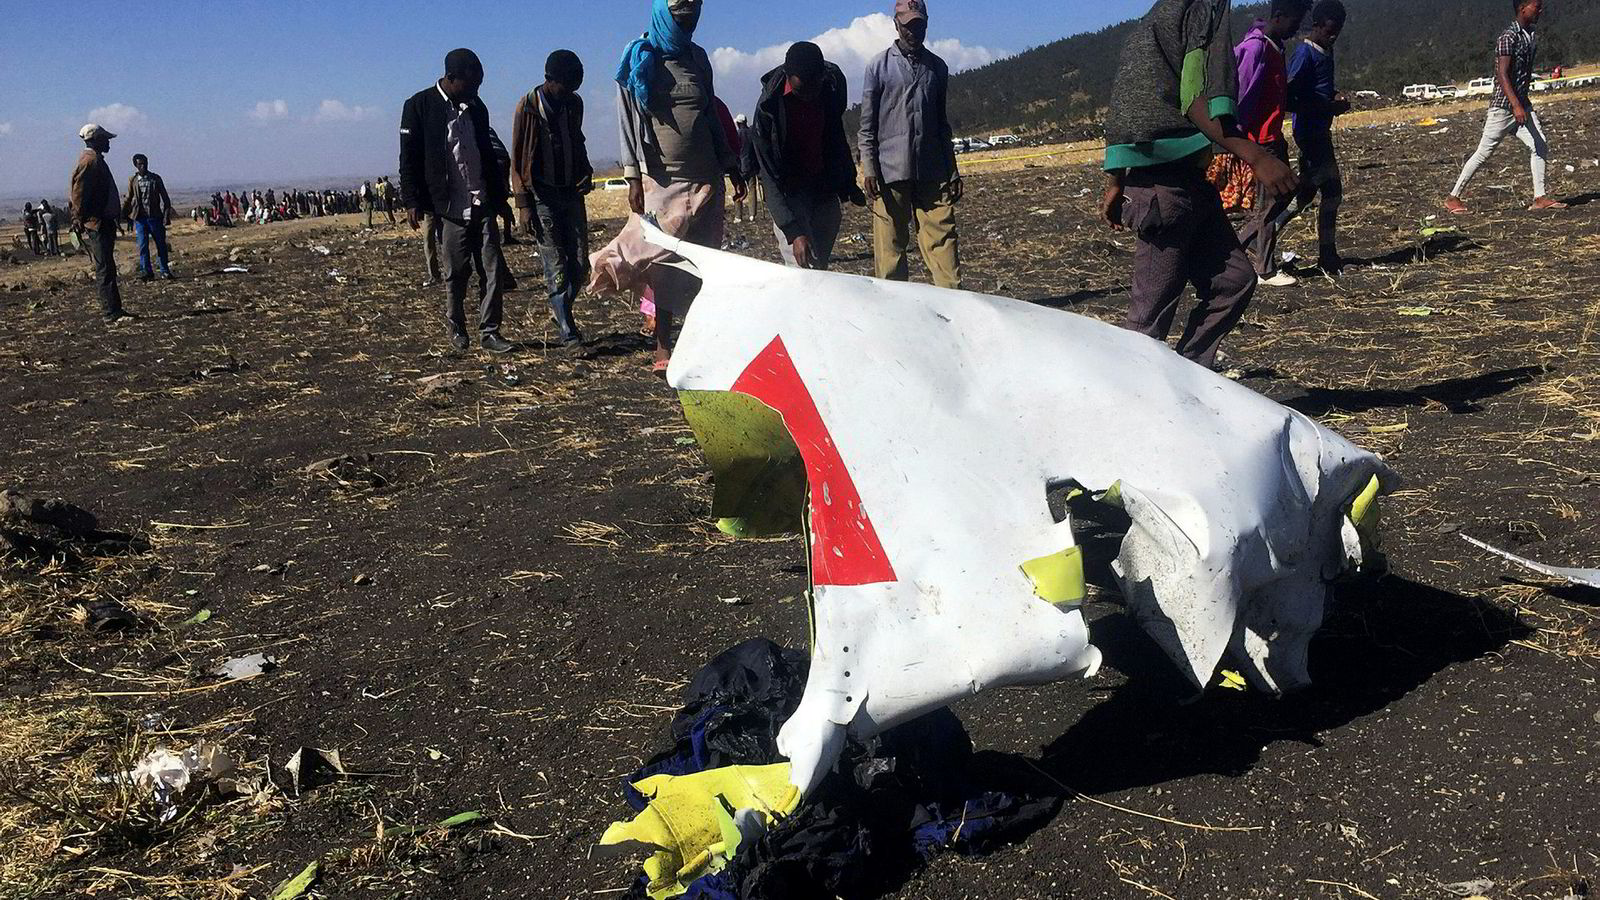 Flyet styret i nærheten av byen Bishoftu – sørøst for Addis Ababa.